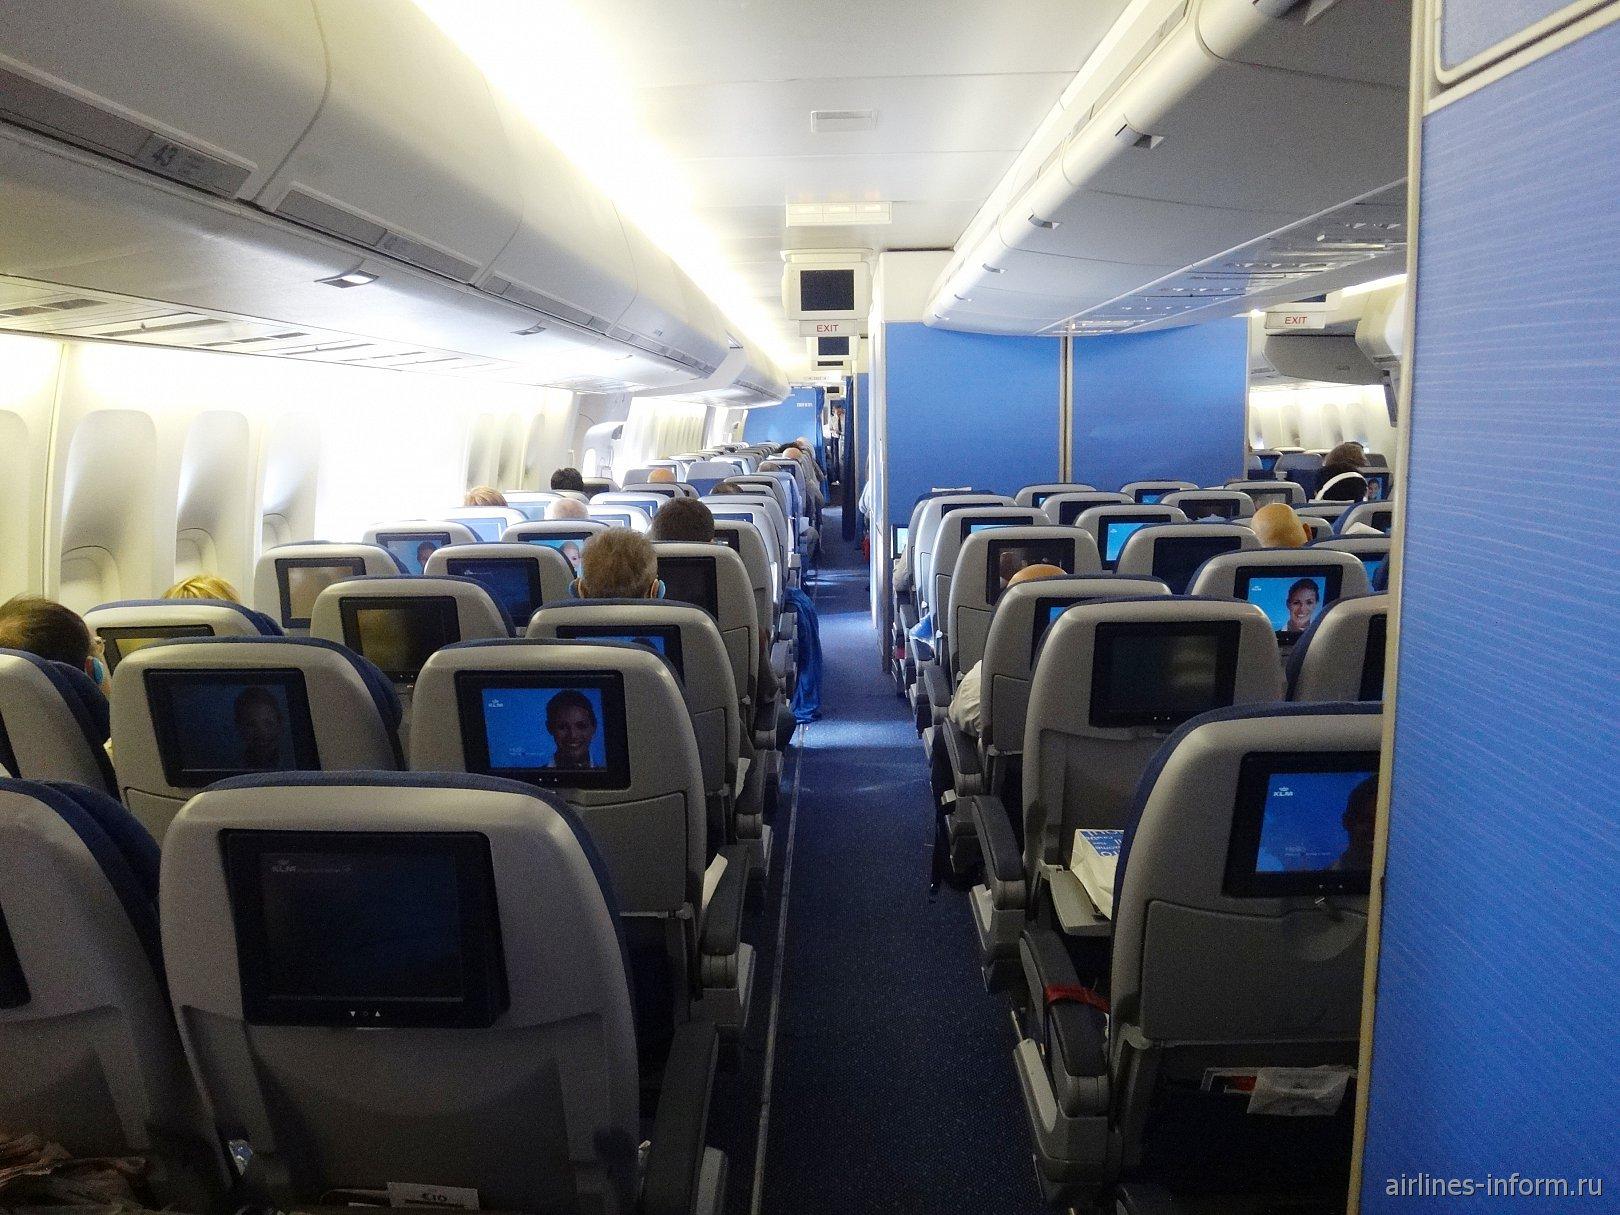 Пассажирский салон в Боинге-747-400 авиакомпании KLM